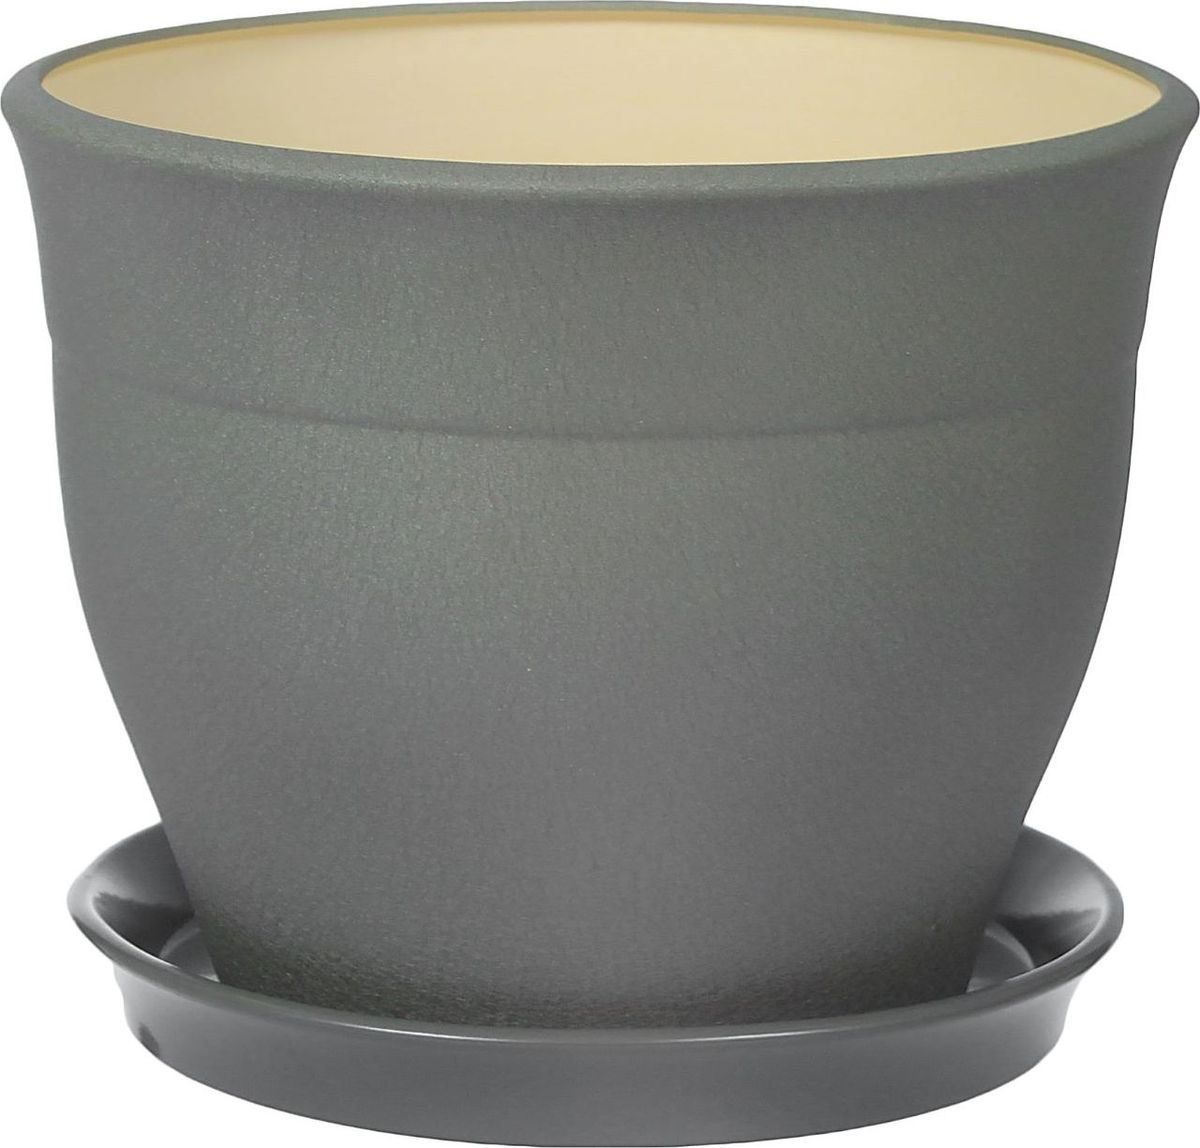 Кашпо Керамика ручной работы Флорис, цвет: серебристый, 12,3 л1309279Комнатные растения — всеобщие любимцы. Они радуют глаз, насыщают помещение кислородом и украшают пространство. Каждому из них необходим свой удобный и красивый дом. Кашпо из керамики прекрасно подходят для высадки растений: за счет пластичности глины и разных способов обработки существует великое множество форм и дизайнов пористый материал позволяет испаряться лишней влаге воздух, необходимый для дыхания корней, проникает сквозь керамические стенки! Кашпо позаботится о зеленом питомце, освежит интерьер и подчеркнет его стиль.